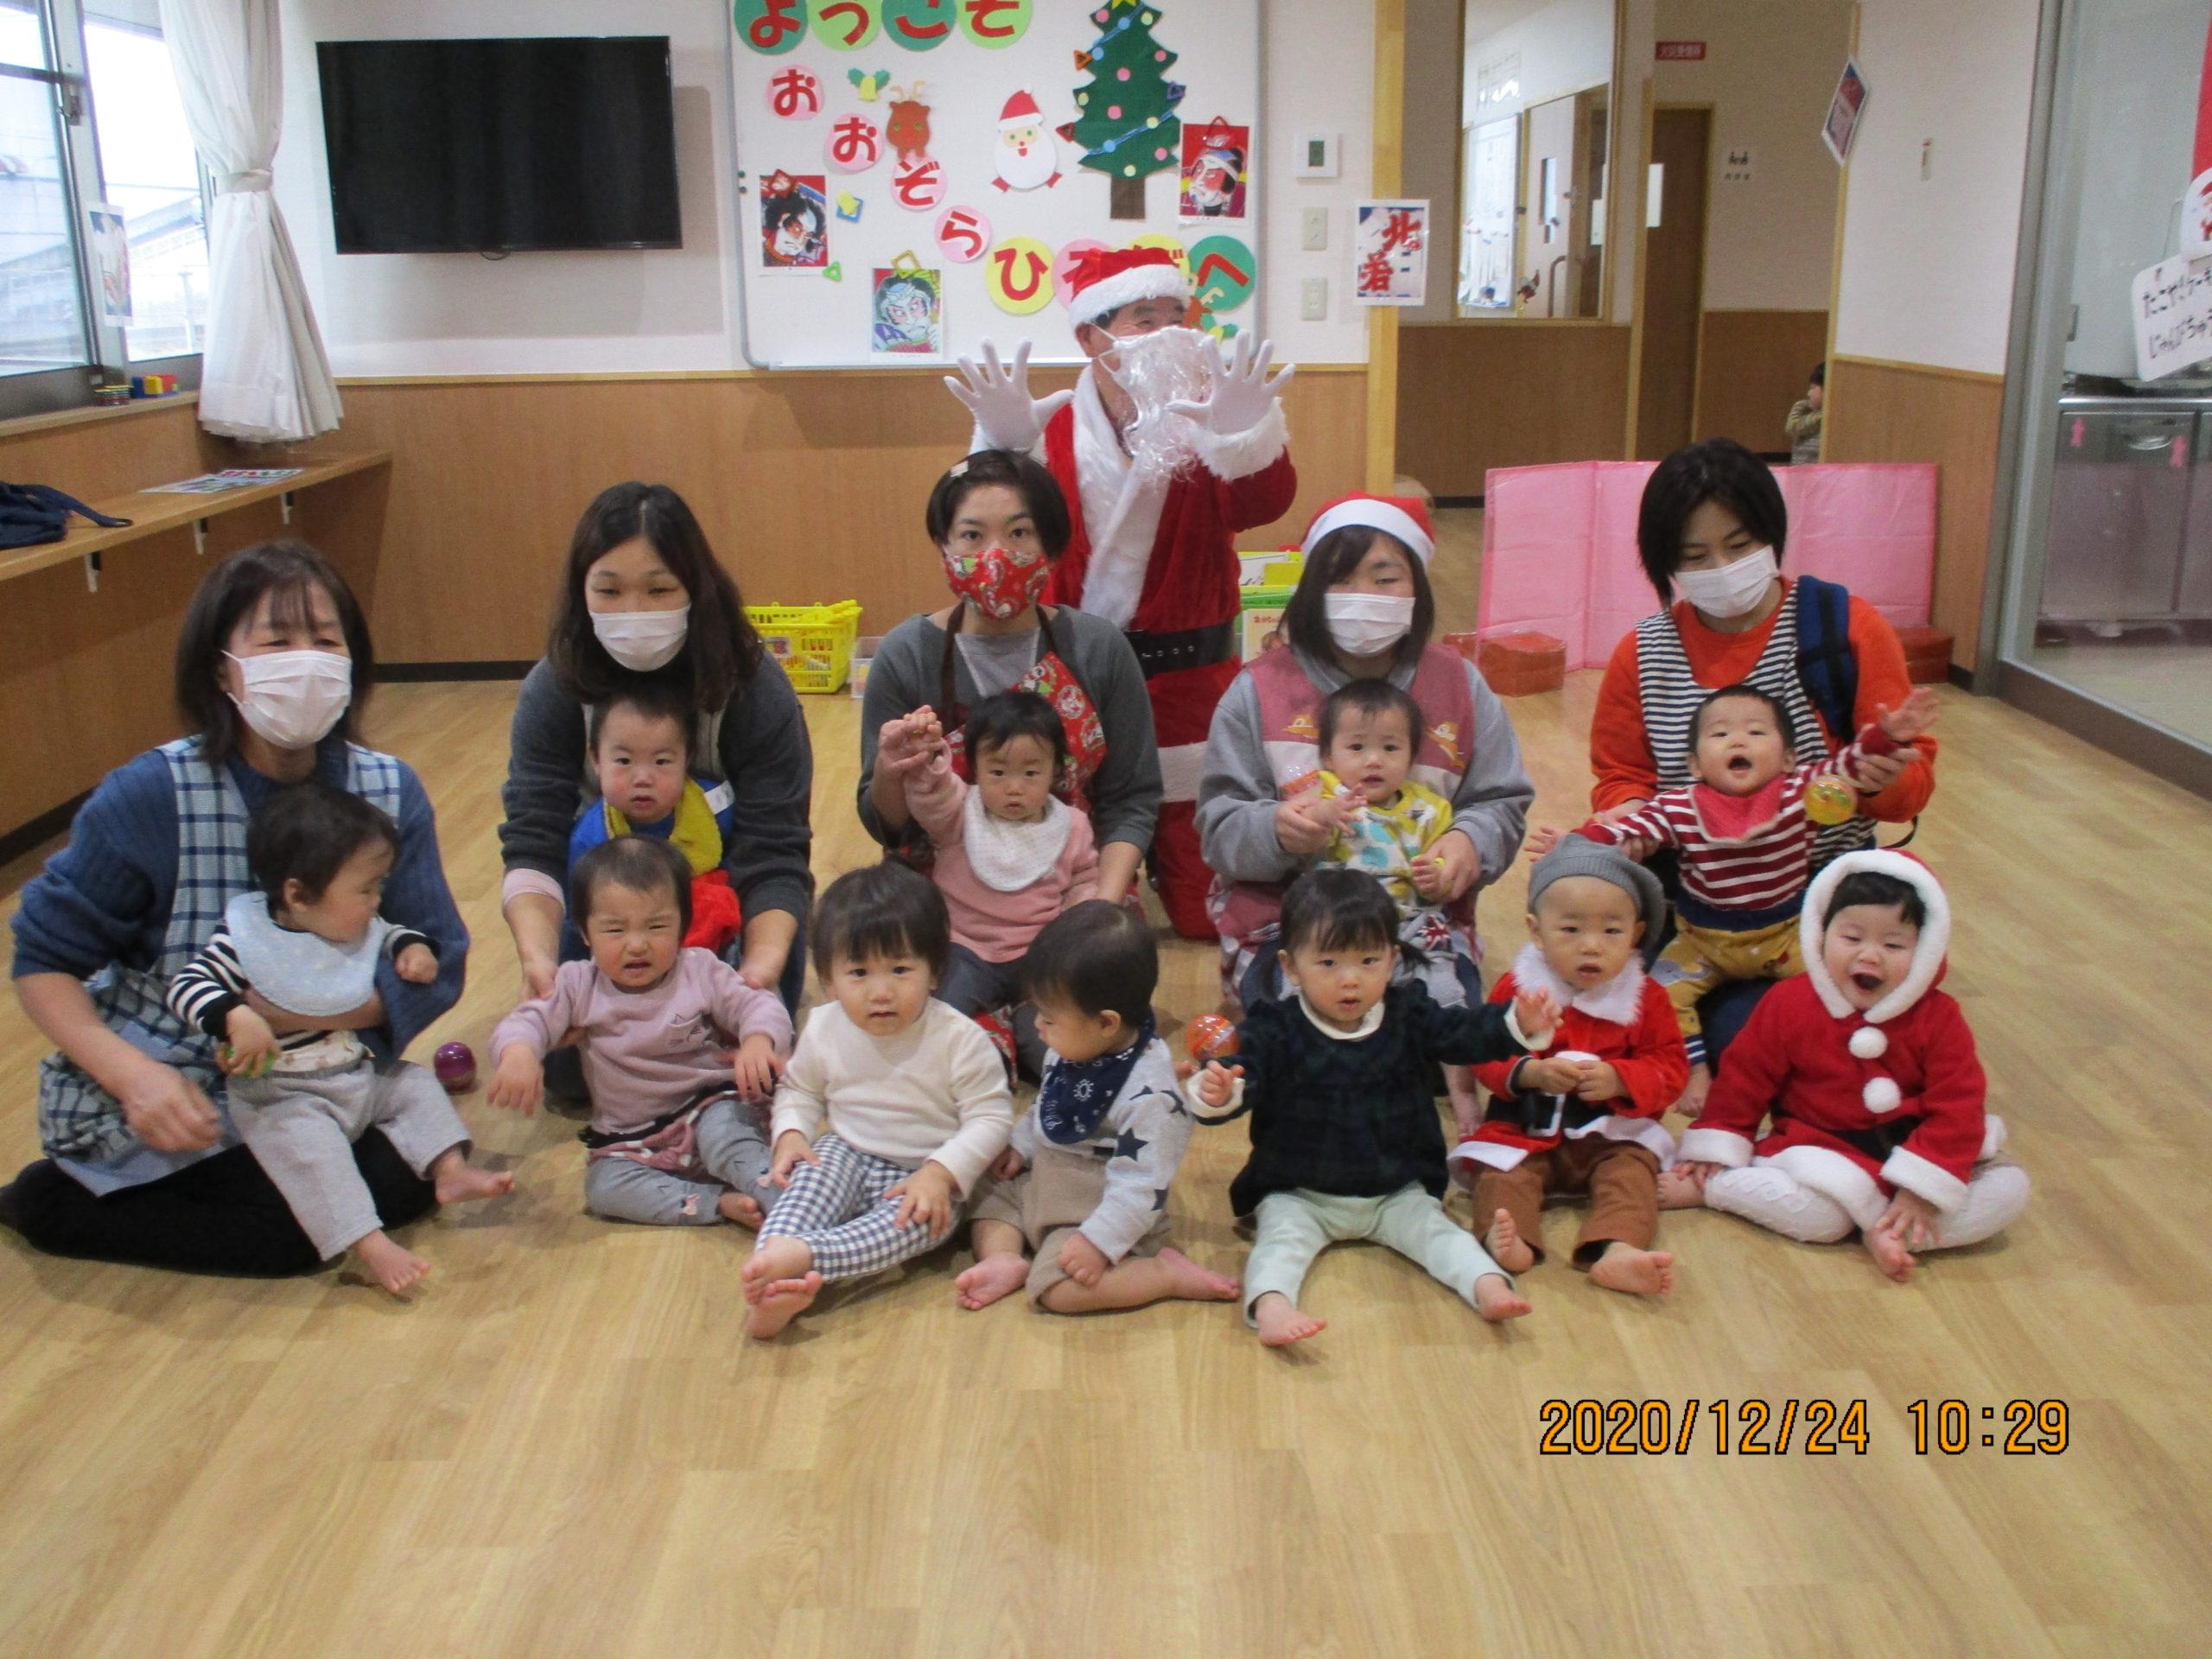 楽しいクリスマス会 めばえぐみ【白根おおぞら保育園】